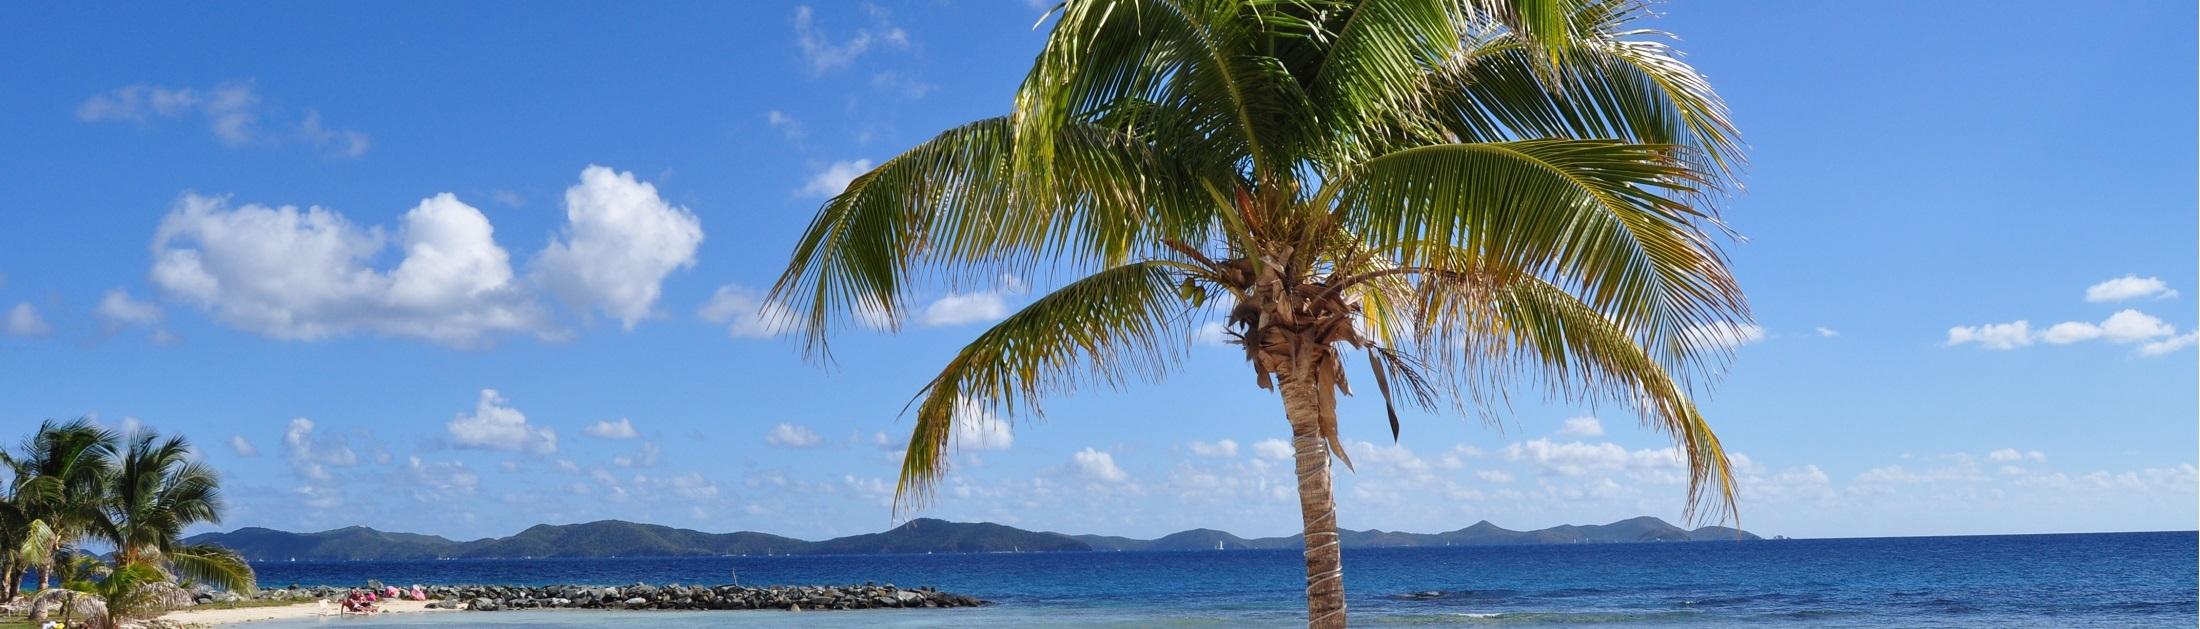 Palmtree Bahama